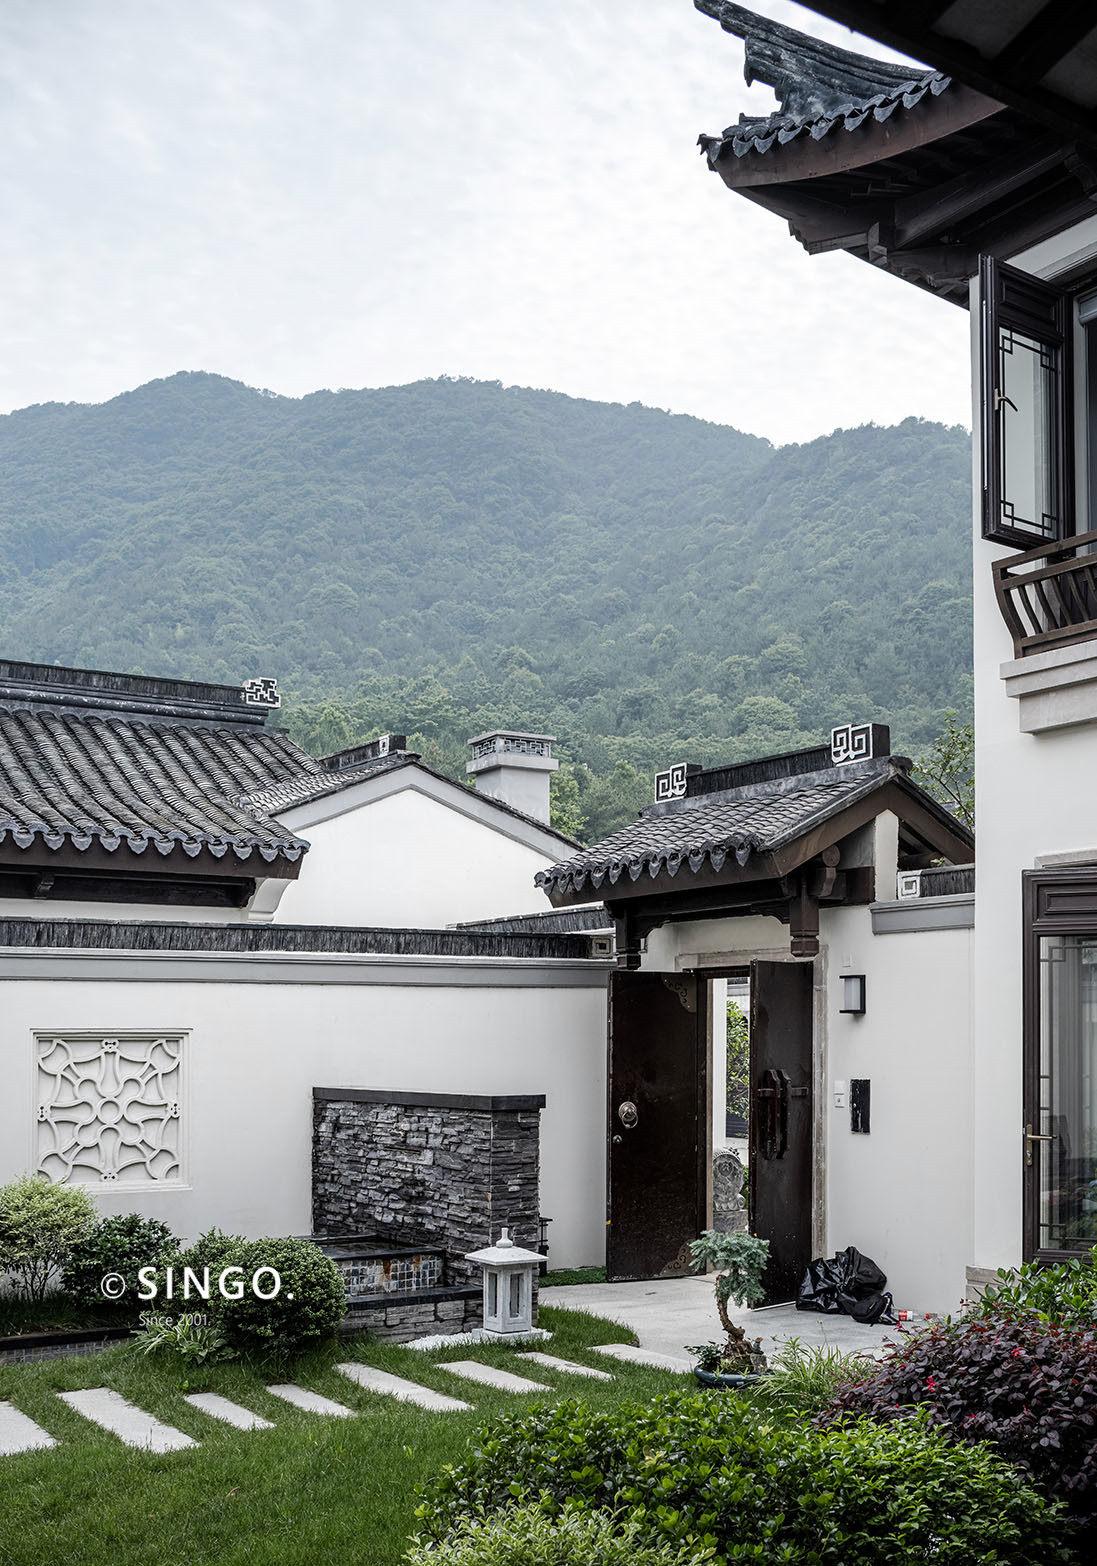 20200531-星杰设计-九唐-朴言-小图-00035.jpg